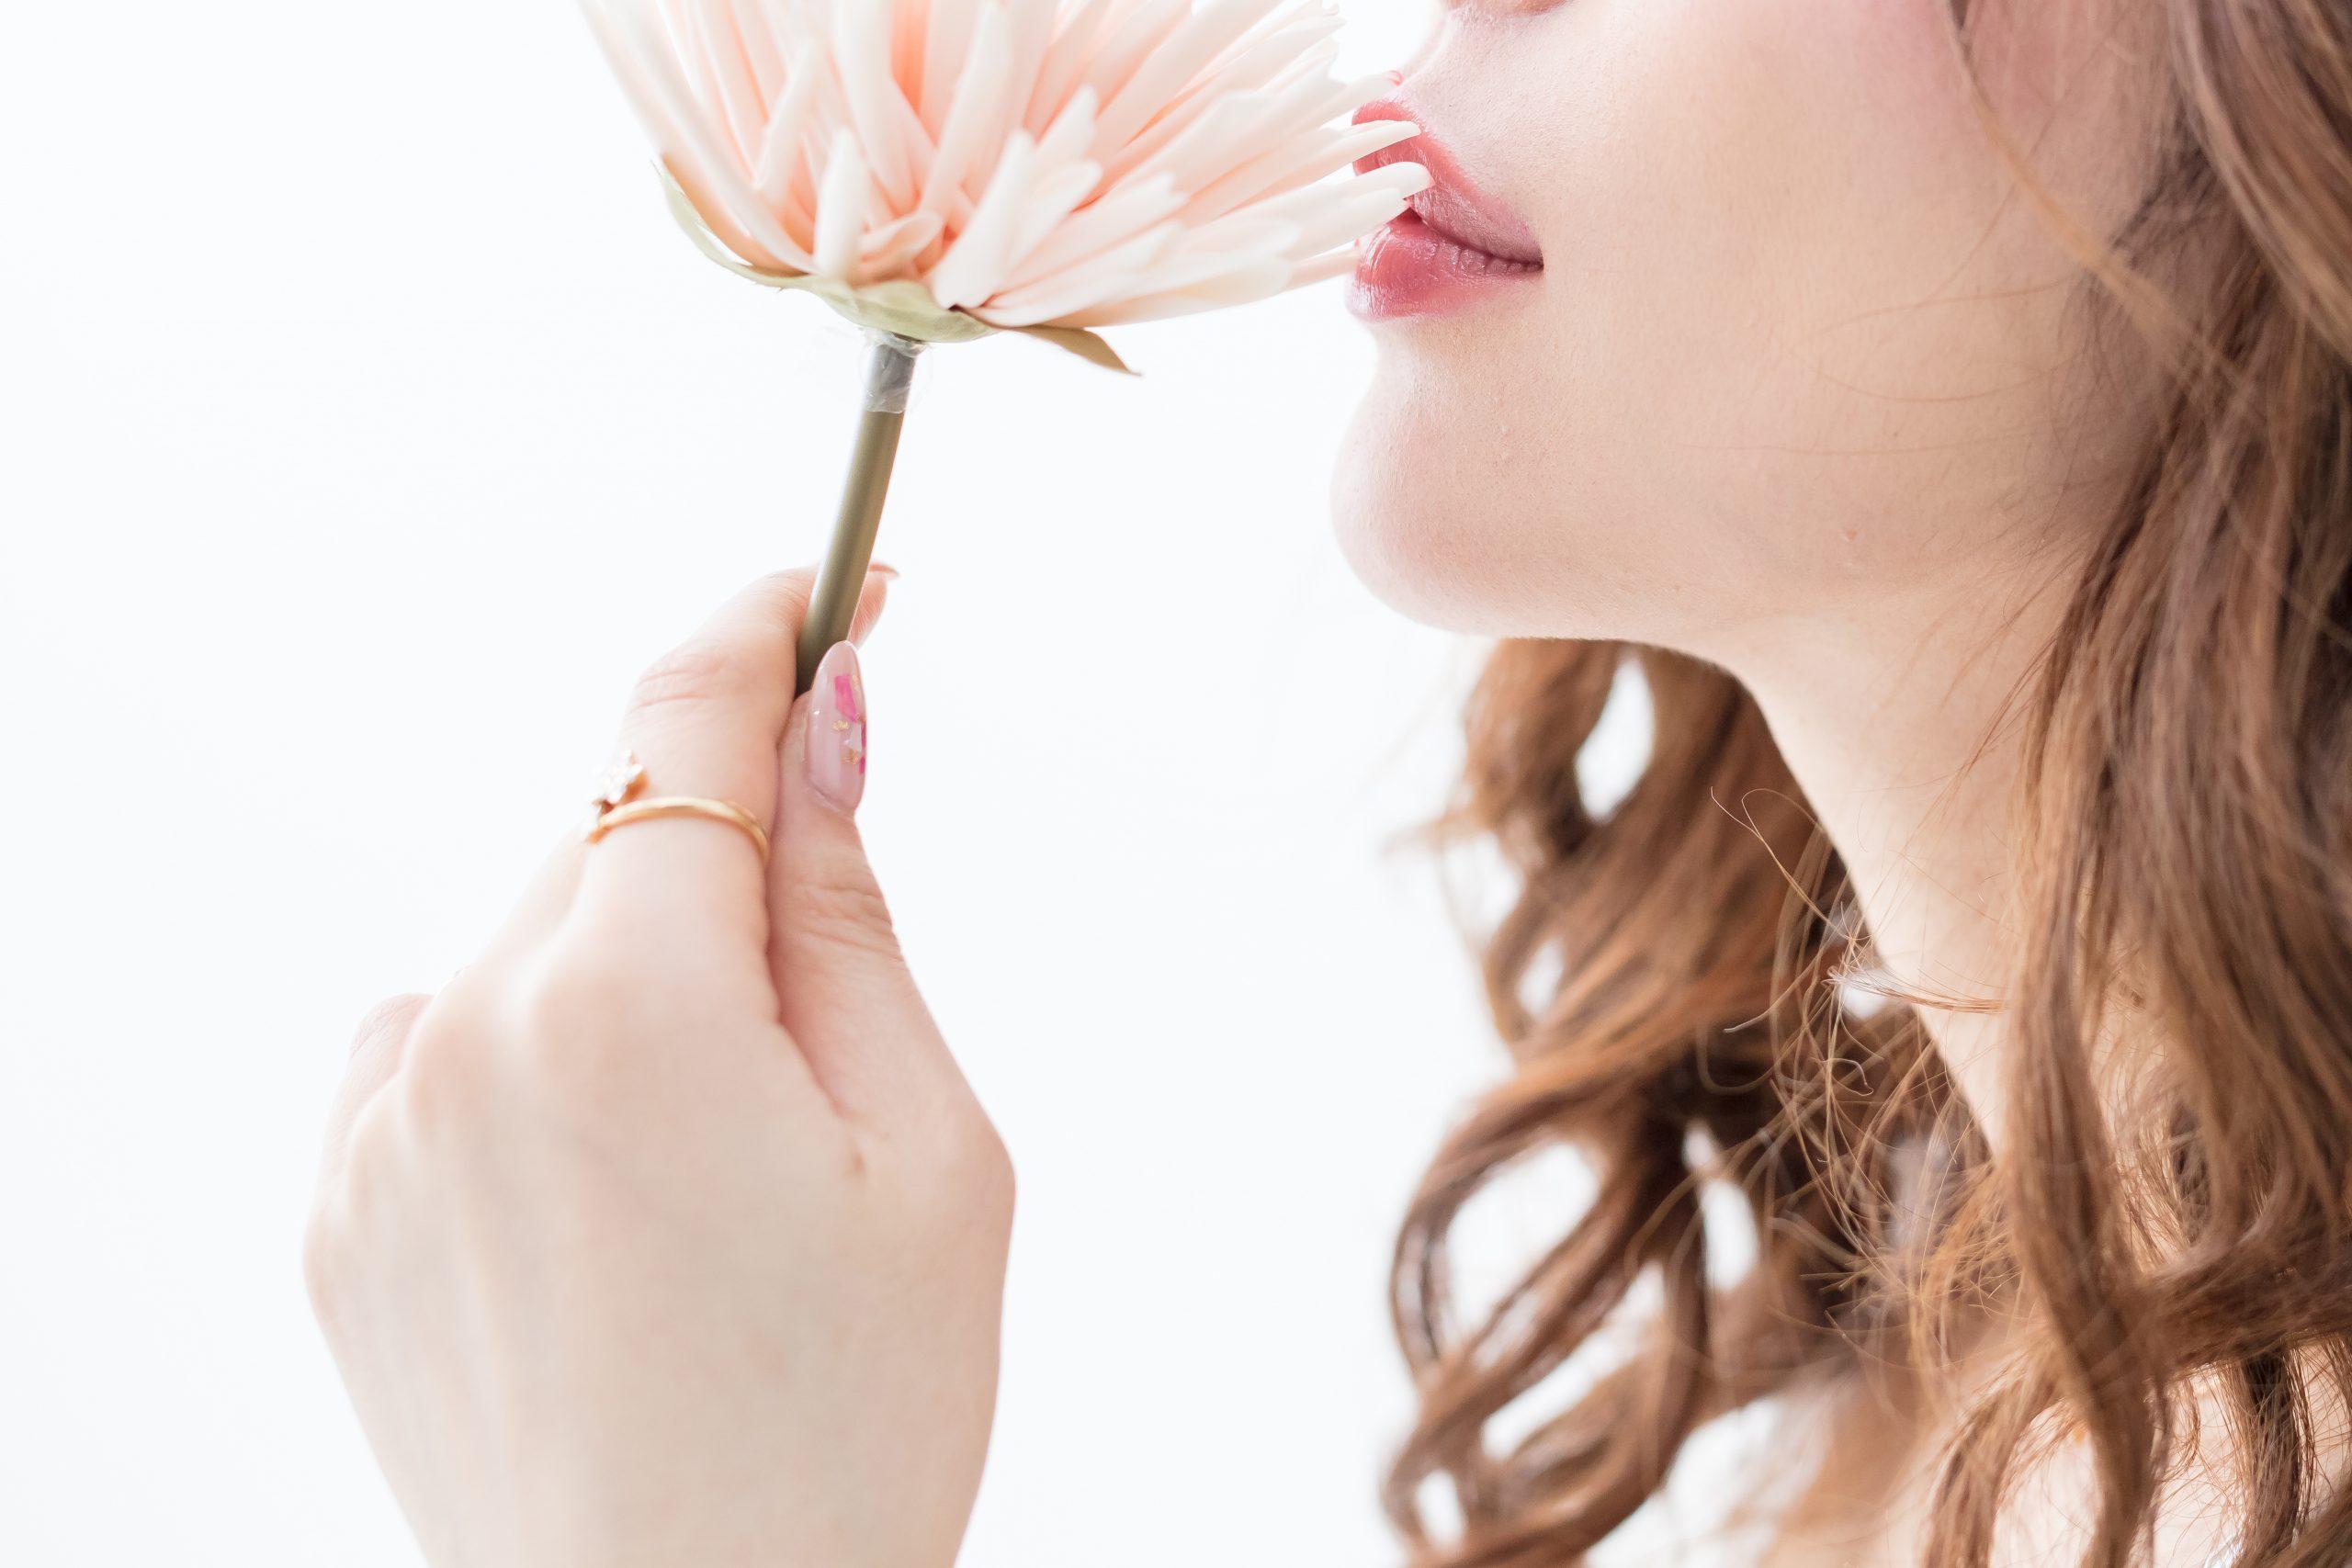 白背景に茶髪の巻き髪をした綺麗な女性が花をもって上を向いている